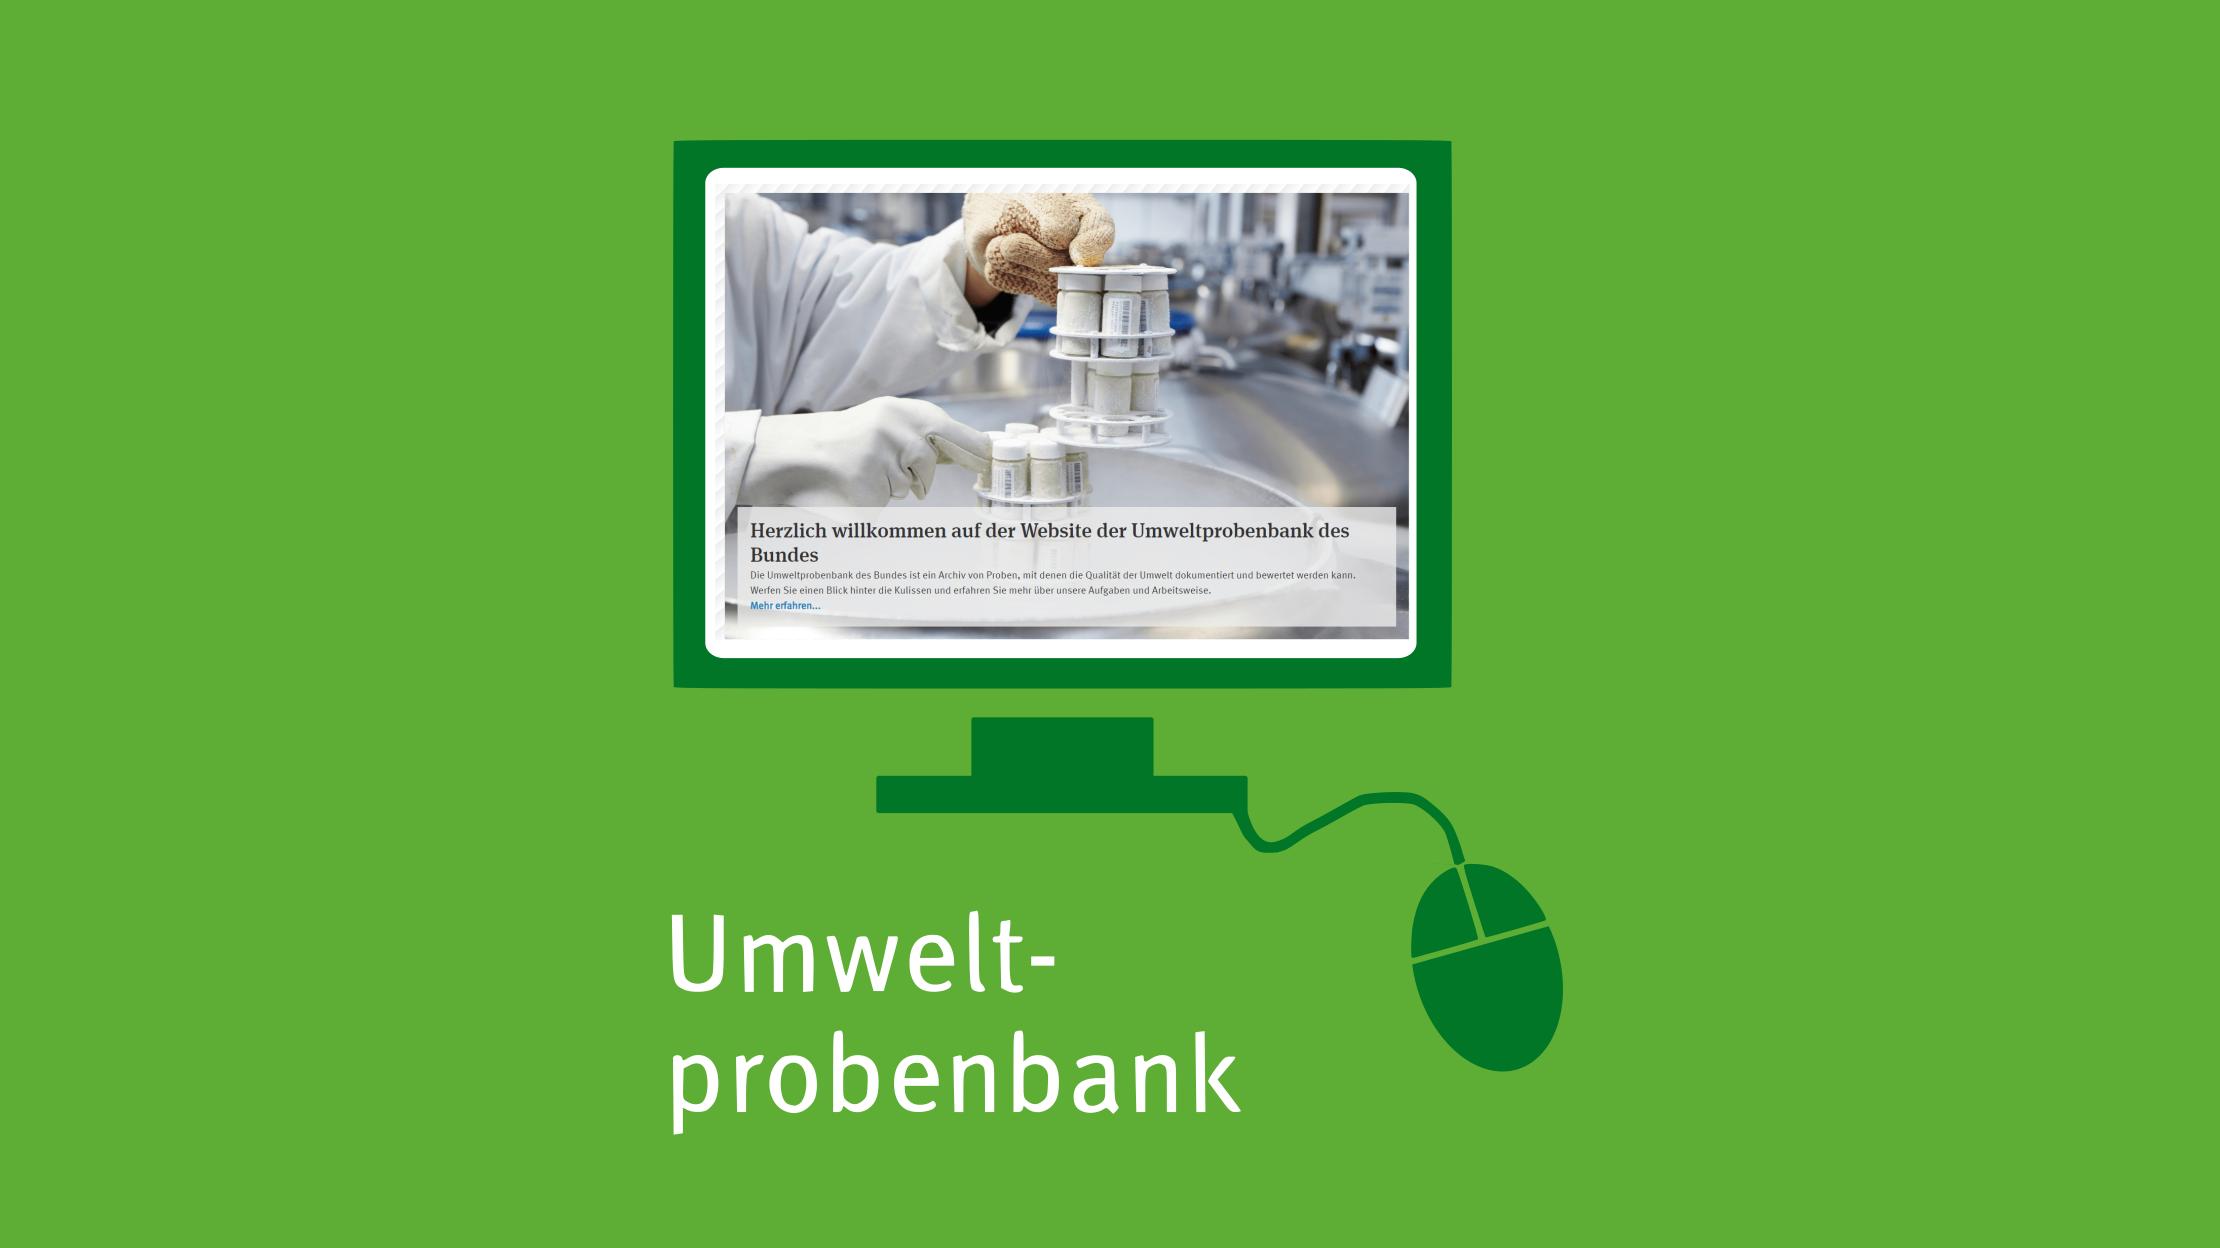 Mit Klick aufs Bild gelangen Sie zur verlinkten Umweltprobenbank-Website.